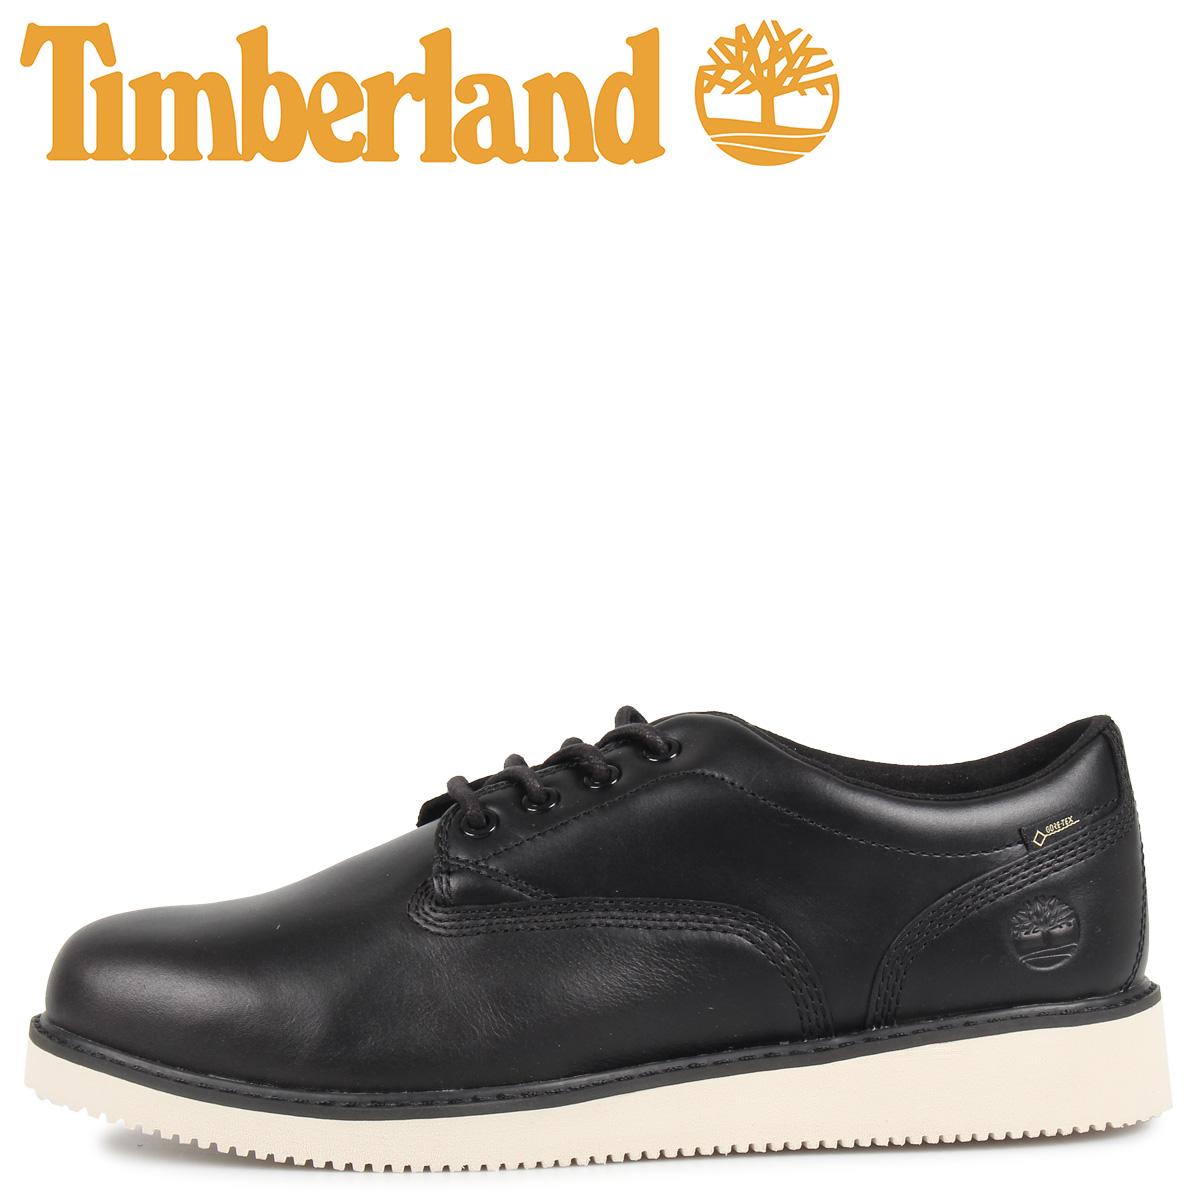 Timberland ティンバーランド シューズ メンズ ウエッジ オックスフォード MENS VIBRAM WEDGE GORE-TEX OXFORD ブラック 黒 A2742